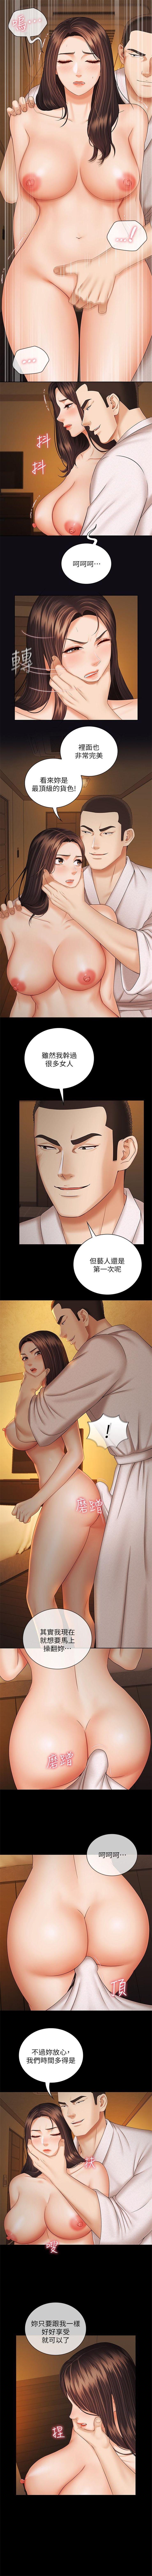 妹妹的義務 1-38 官方中文(連載中) 289